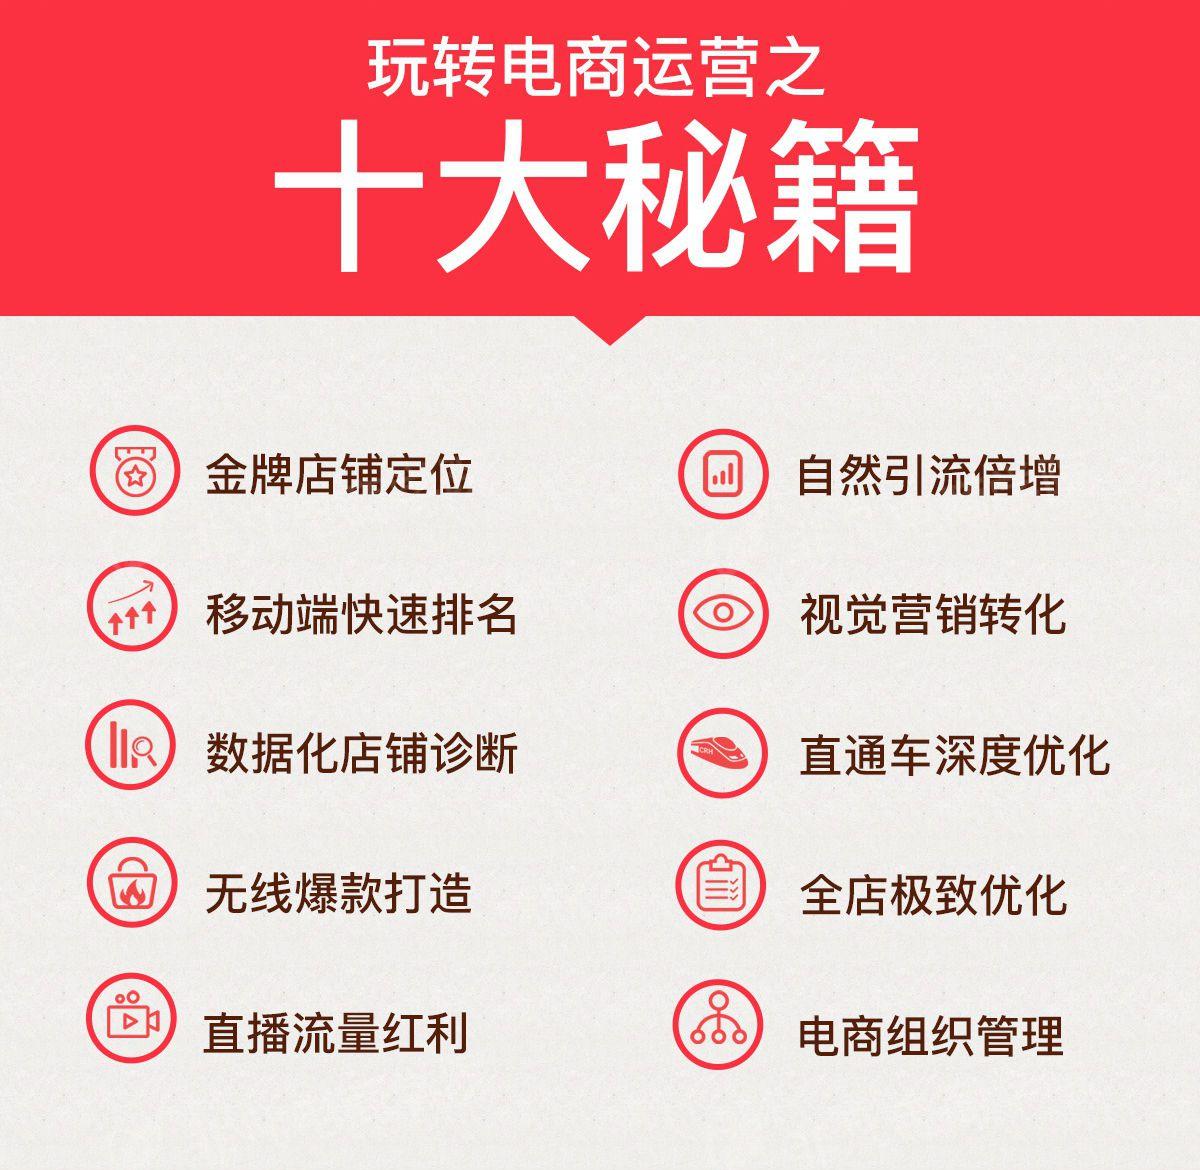 上海淘宝运营培训班